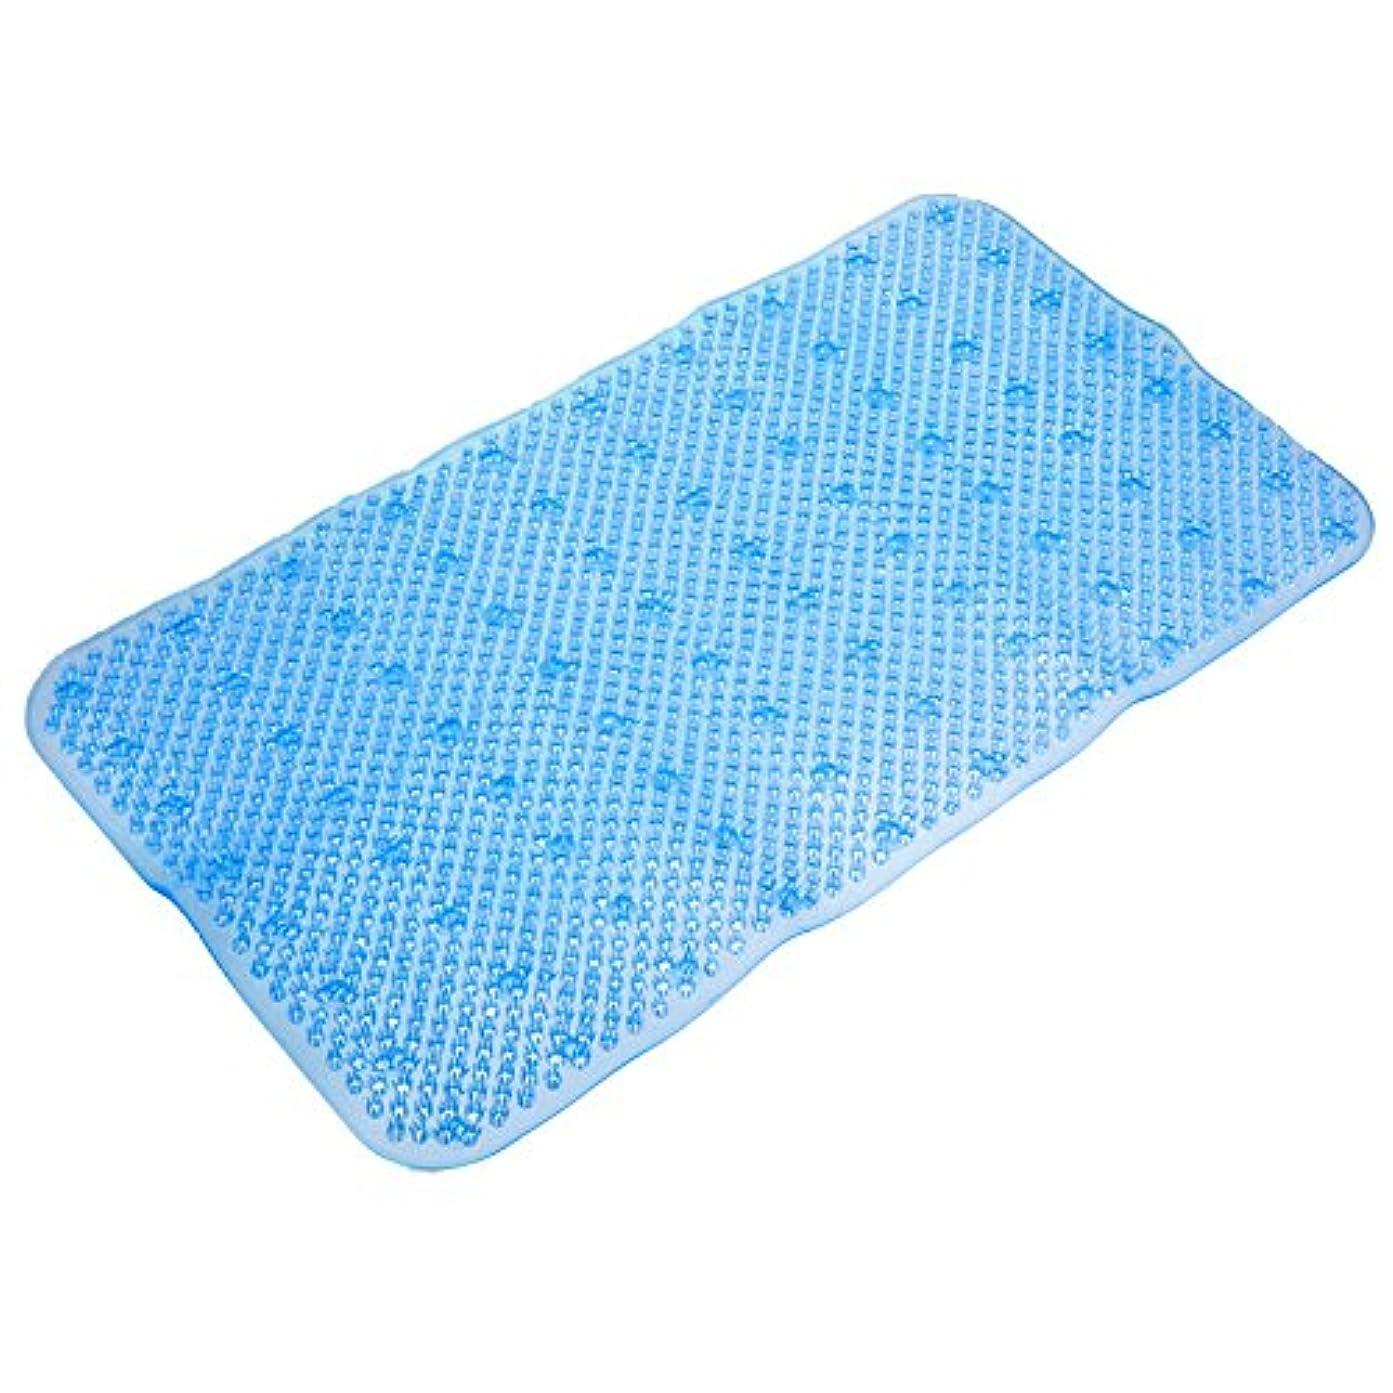 胴体リード誠意便利な pvc 34 × 64 センチ非スリップ風呂浴室シャワー トイレ アンチスリップフロアマット吸引吸盤パッド足マッサージ の敷物5色-青い